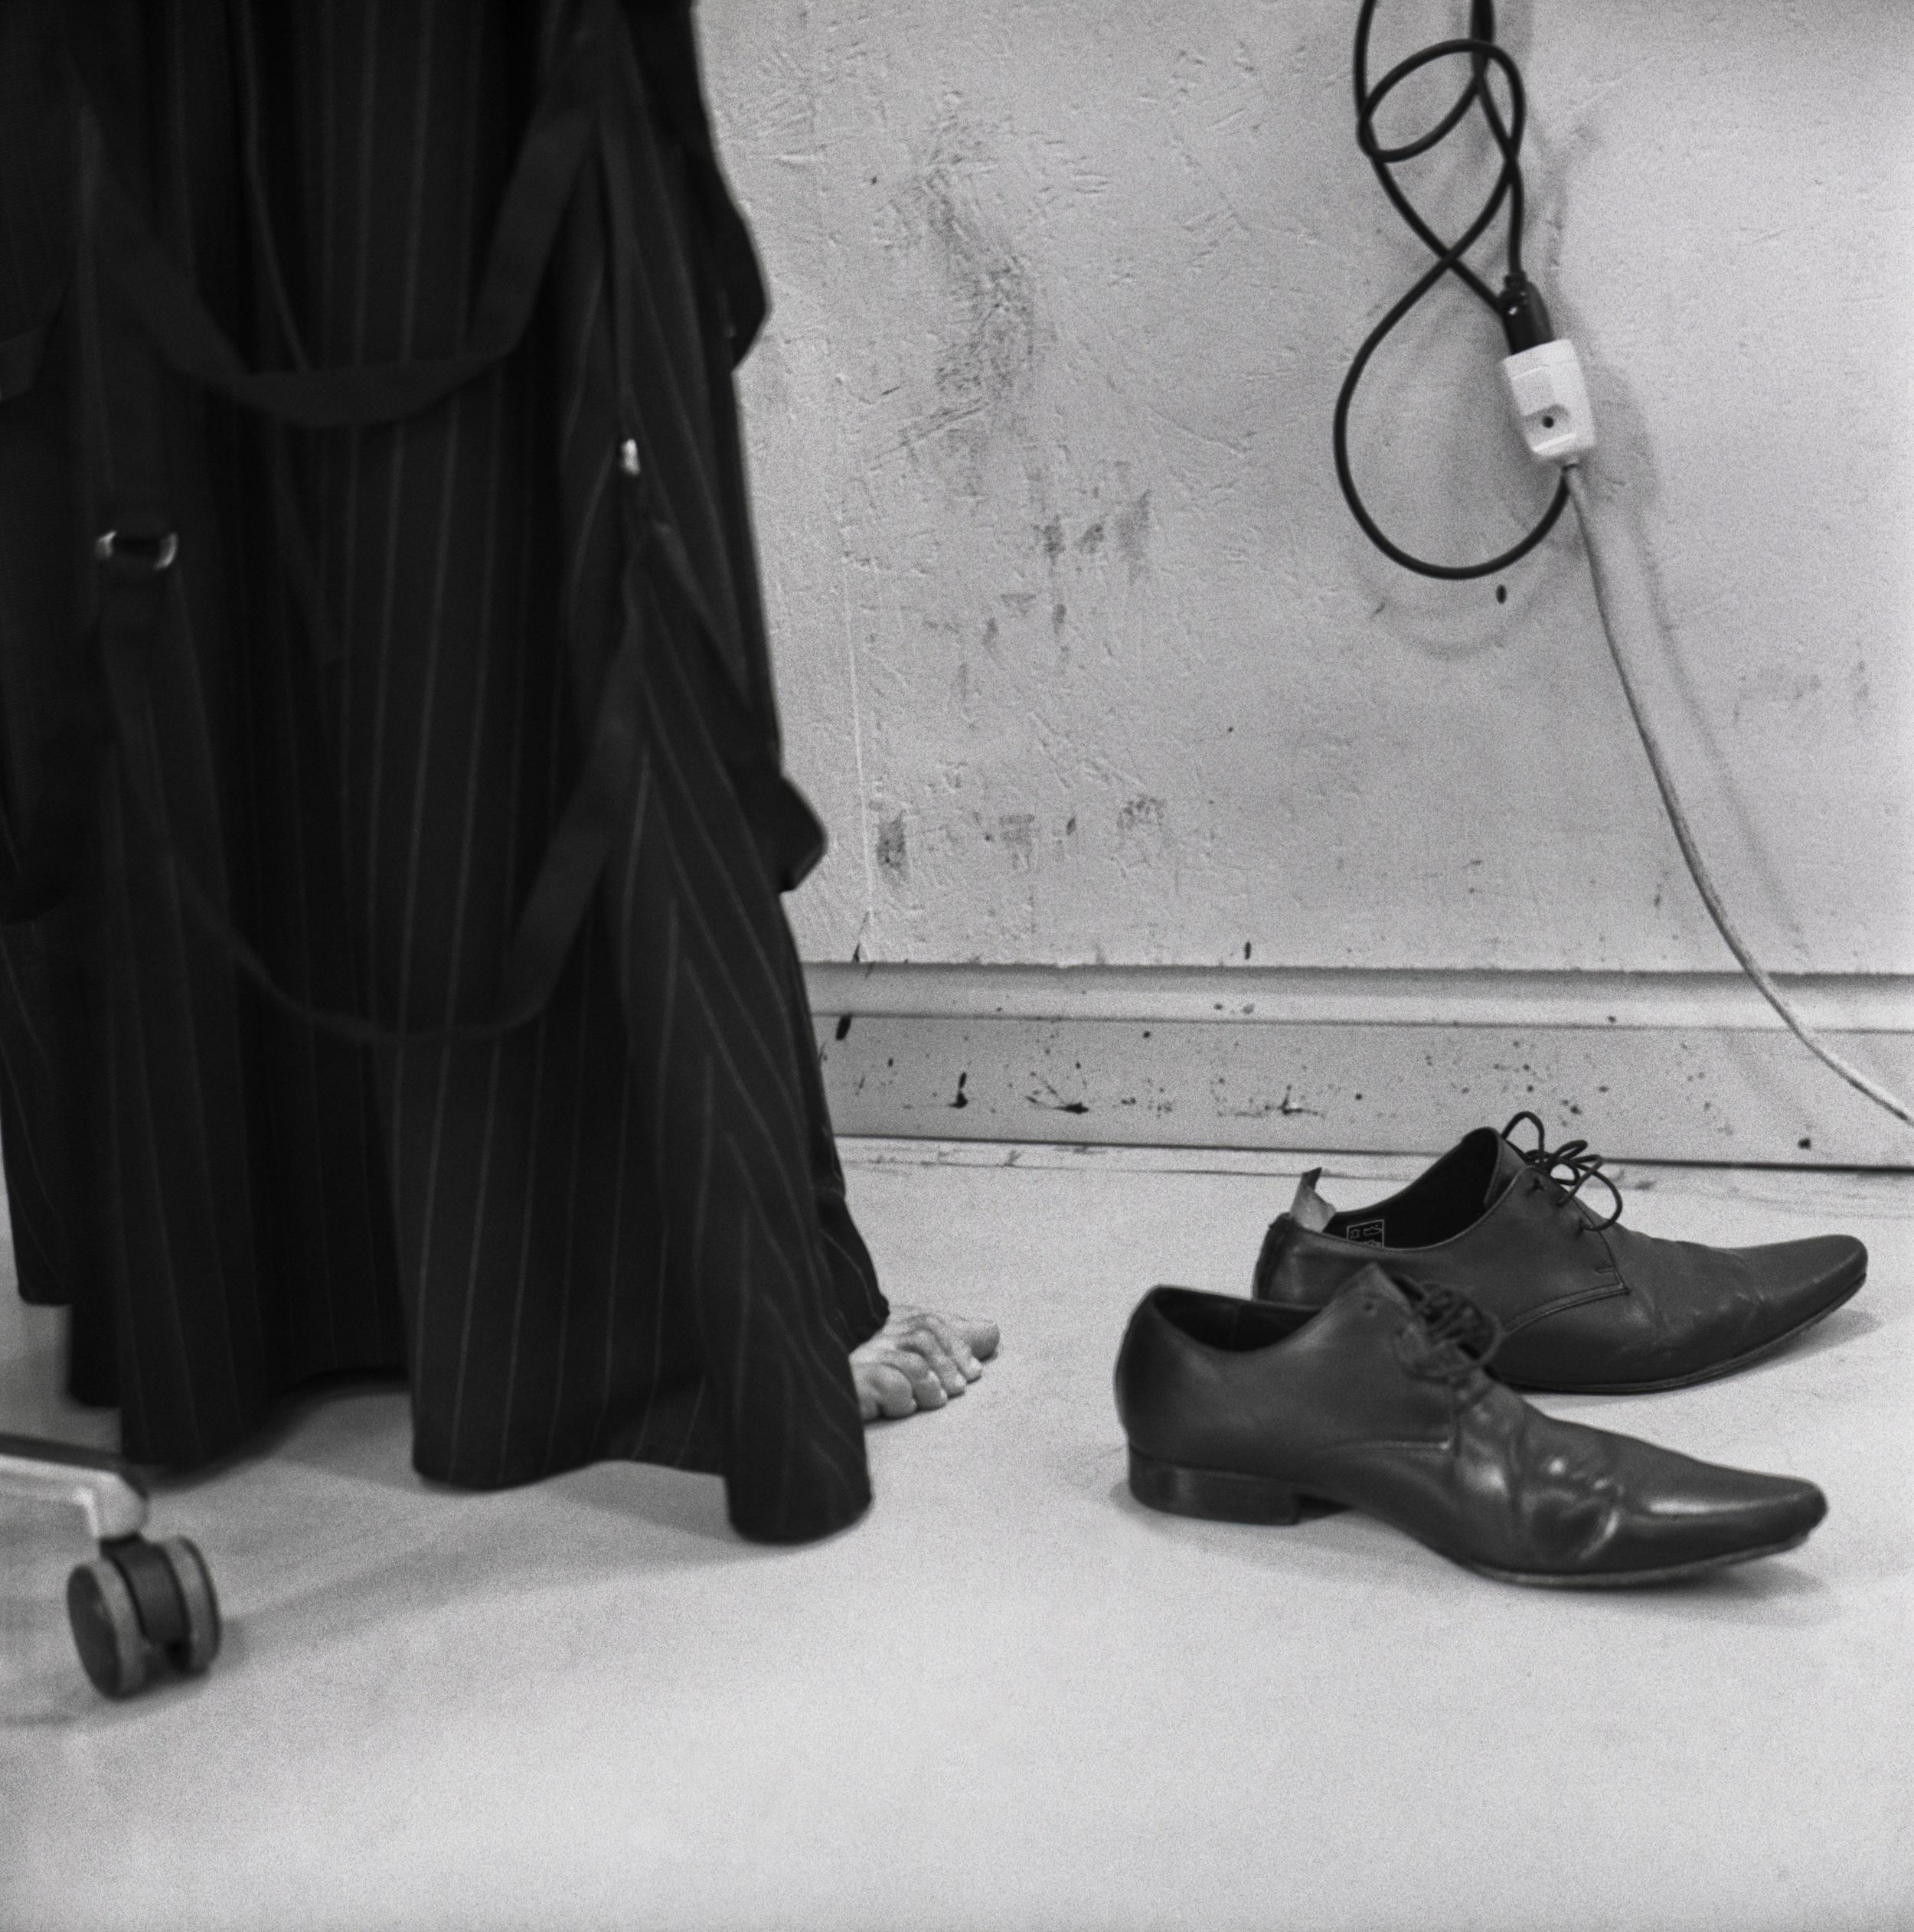 scarpe as Smart Object-1.jpeg